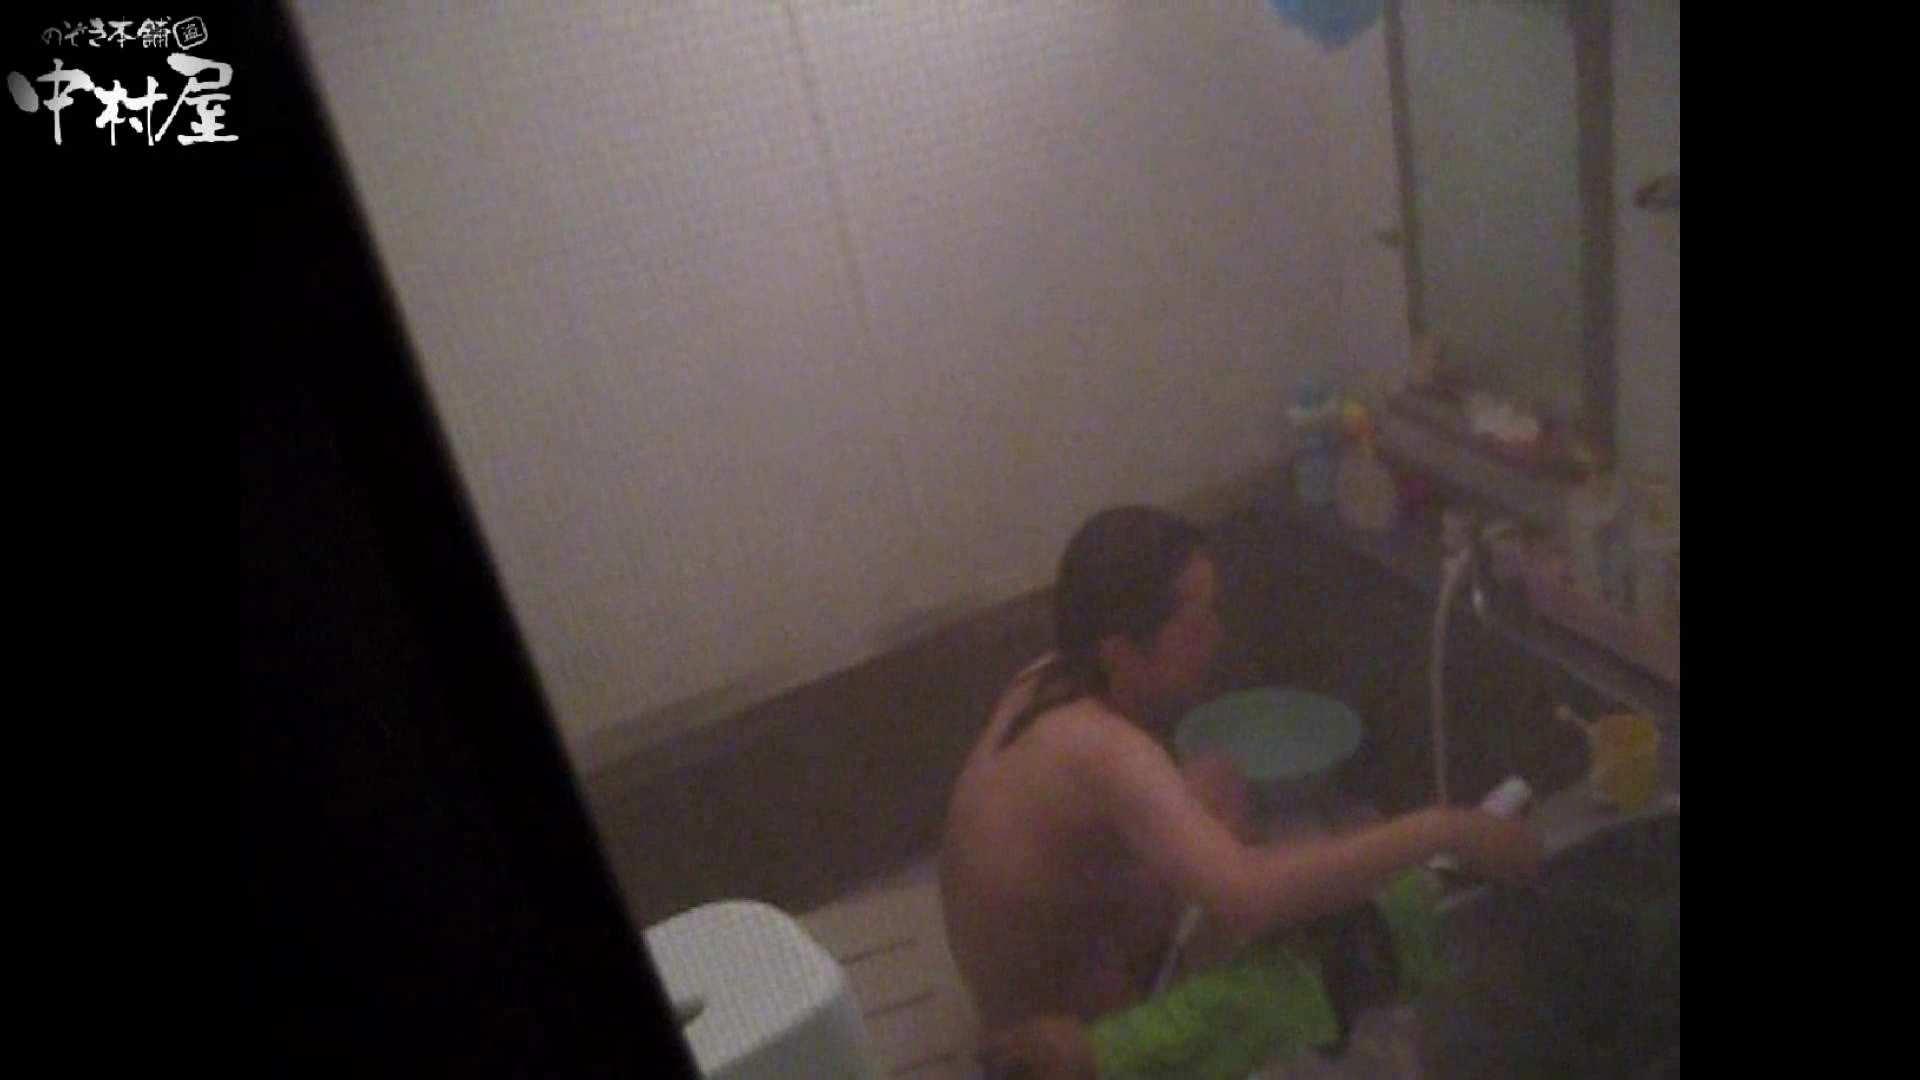 民家風呂専門盗撮師の超危険映像 vol.020 エロい美少女 セックス画像 93PIX 89